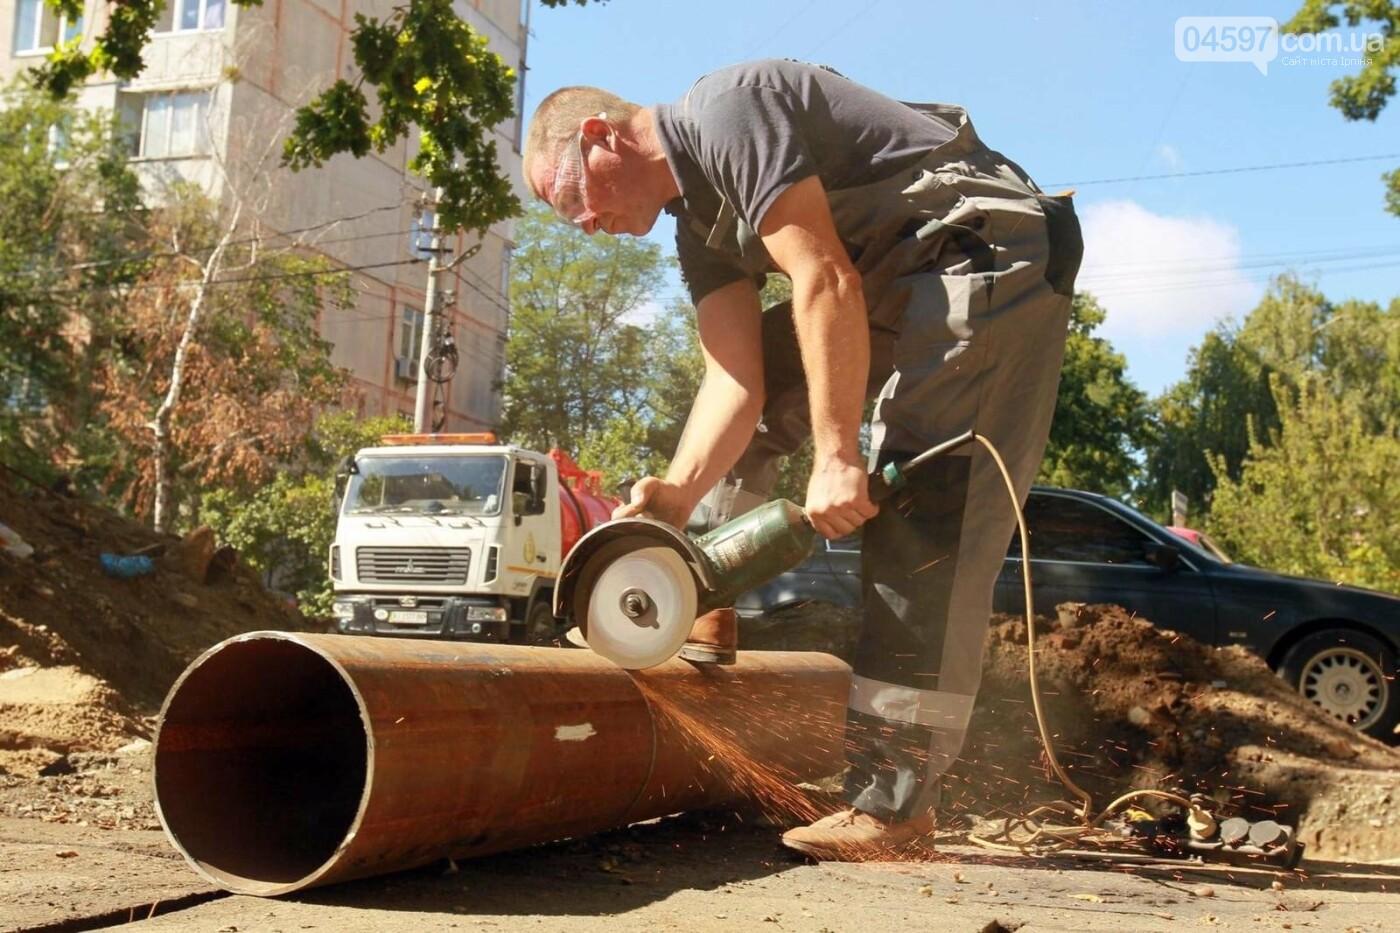 Маркушин розповів, як прокладатимуть дощову каналізацію в Ірпені, фото-1